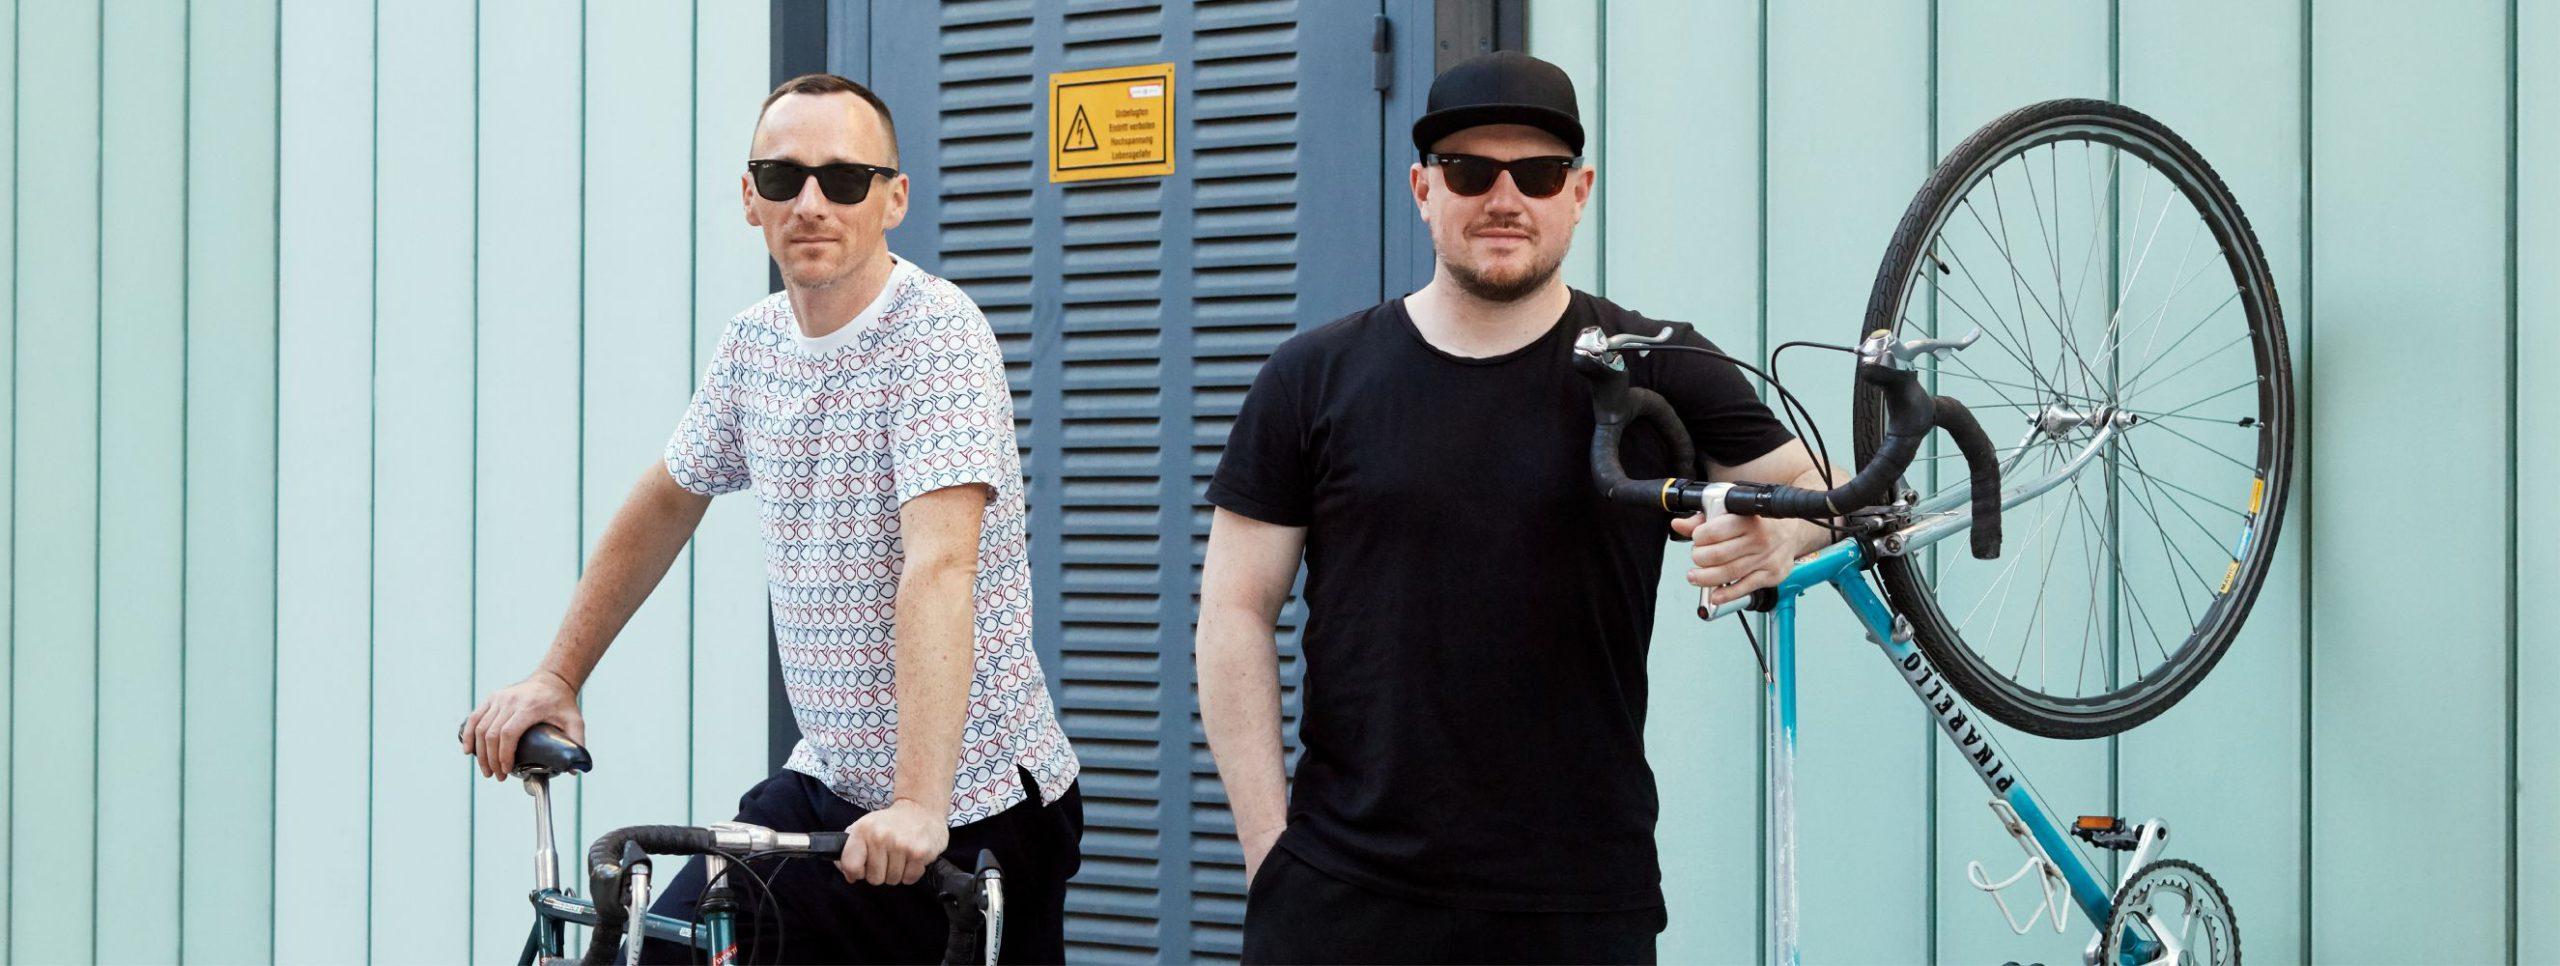 Die Musiker der Band Ogris Debris mit ihren Fahrrädern. #warumfährstDUnicht Foto von Ian Ehm